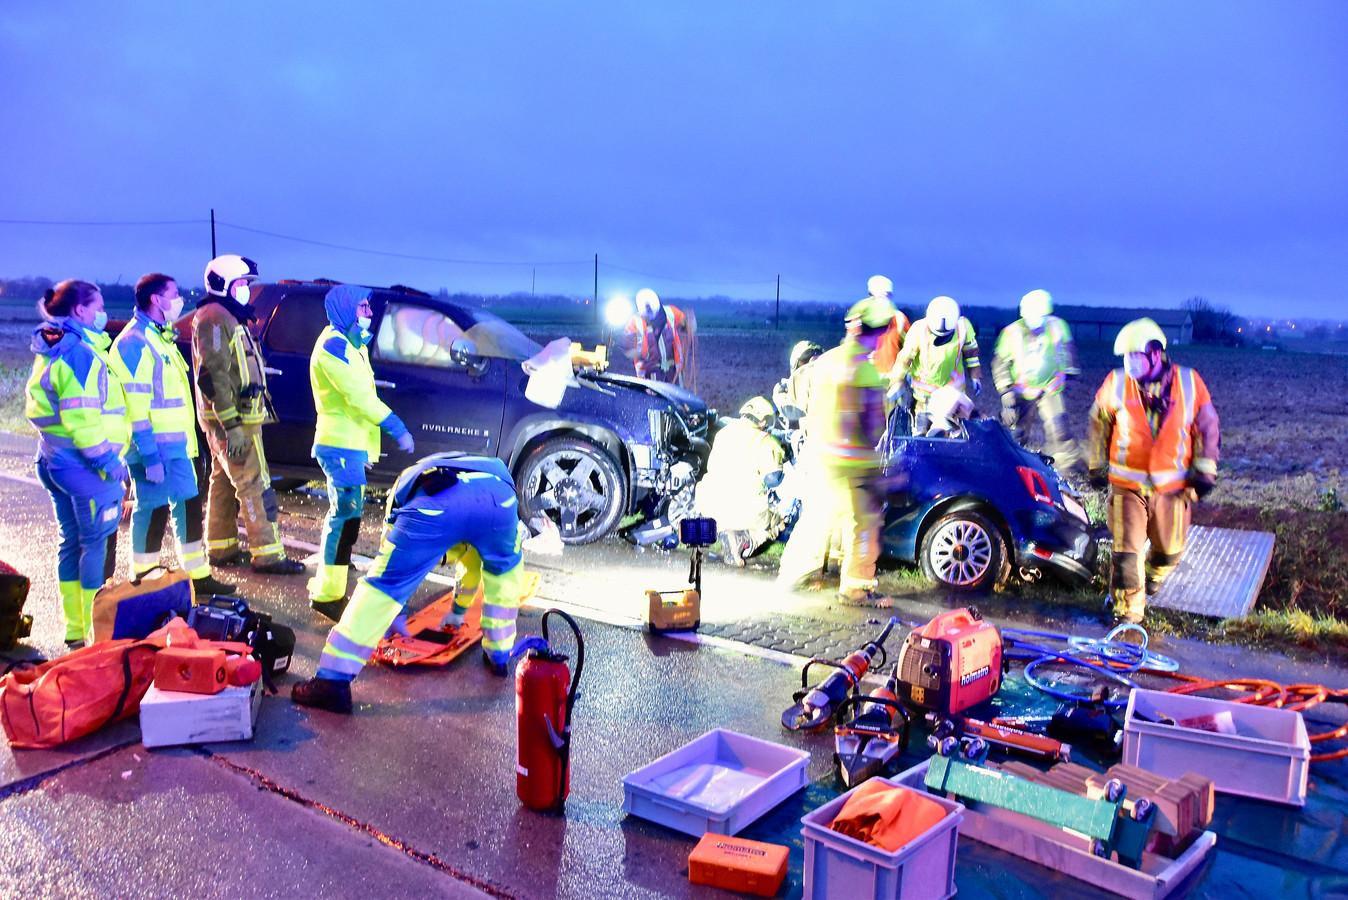 De brandweer had drie kwartier nodig om de bestuurster van de Fiat 500 te bevrijden.